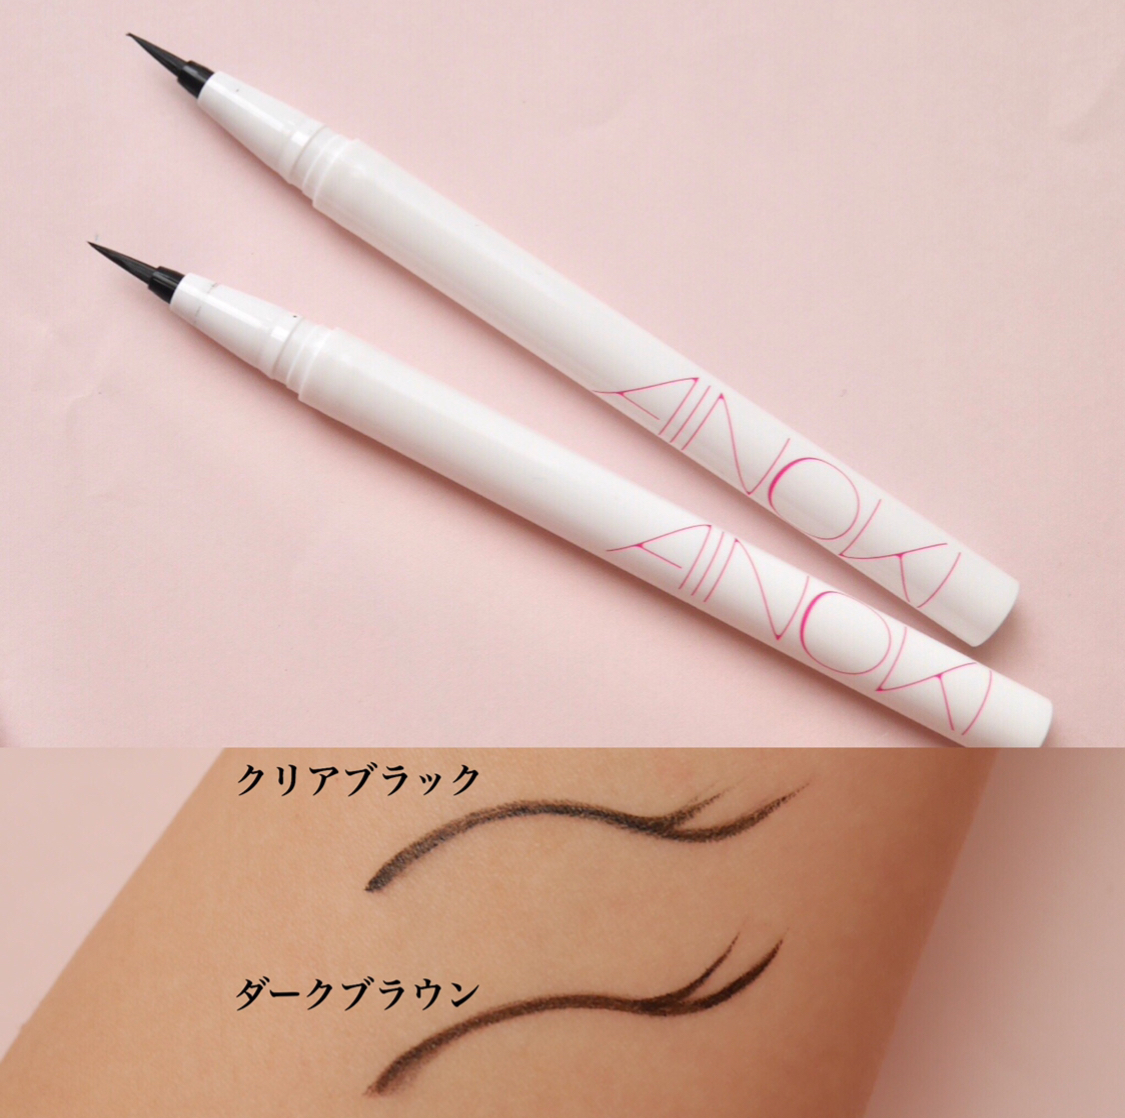 気になるブランド『AINOKI』の新メイクアイテムを、美容家立花ゆうりがお試し♡ おすすめは唇温度でとろけるリップスティック!_2_3